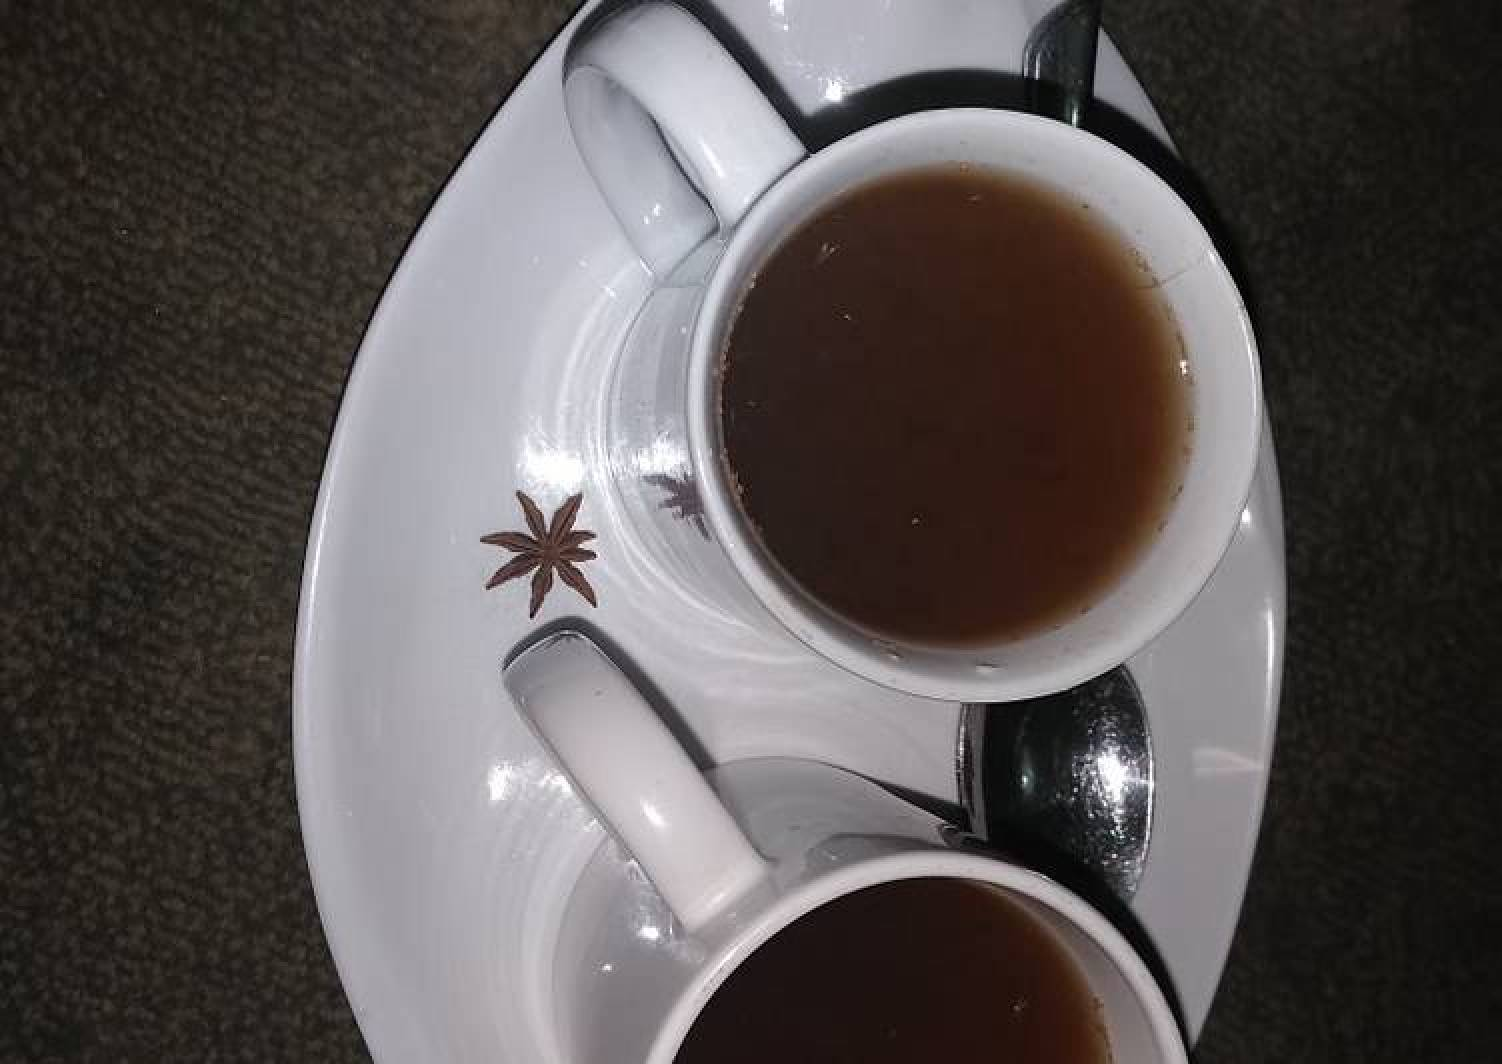 Star anise and cinnamon tea